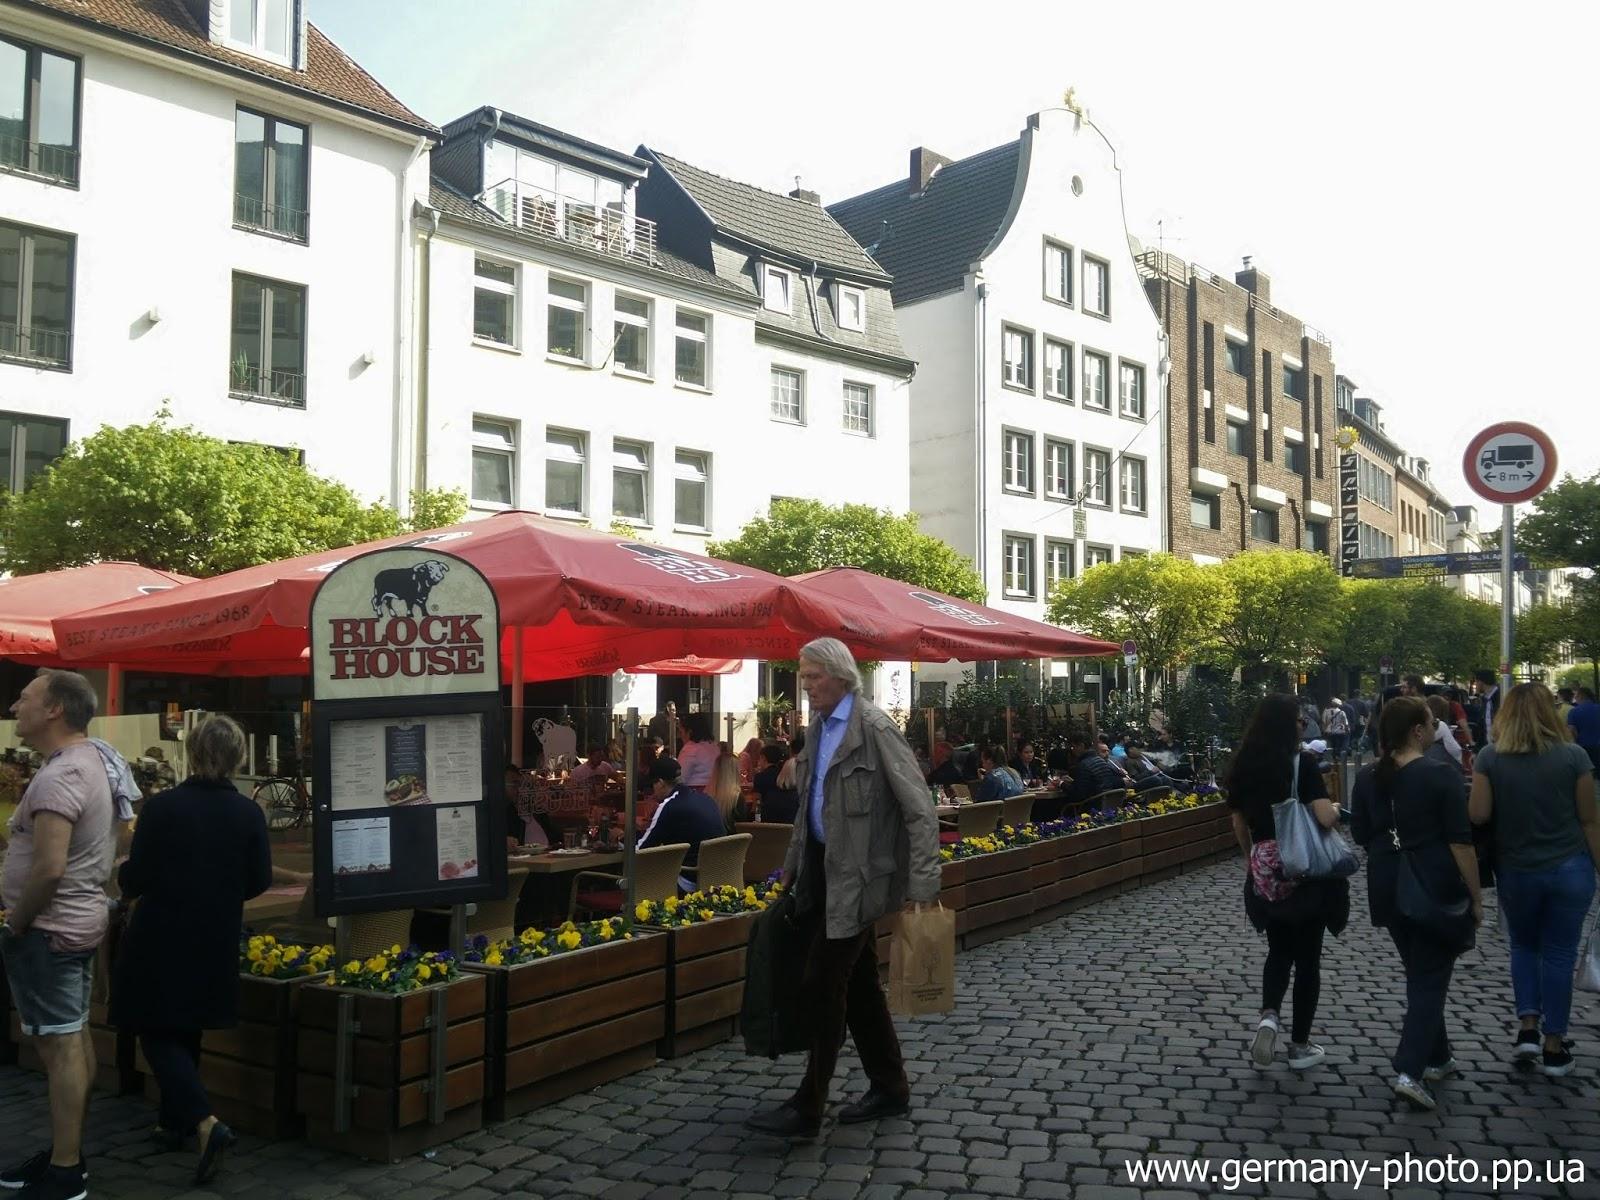 Улица Бургплац в центре Дюссельдорфа